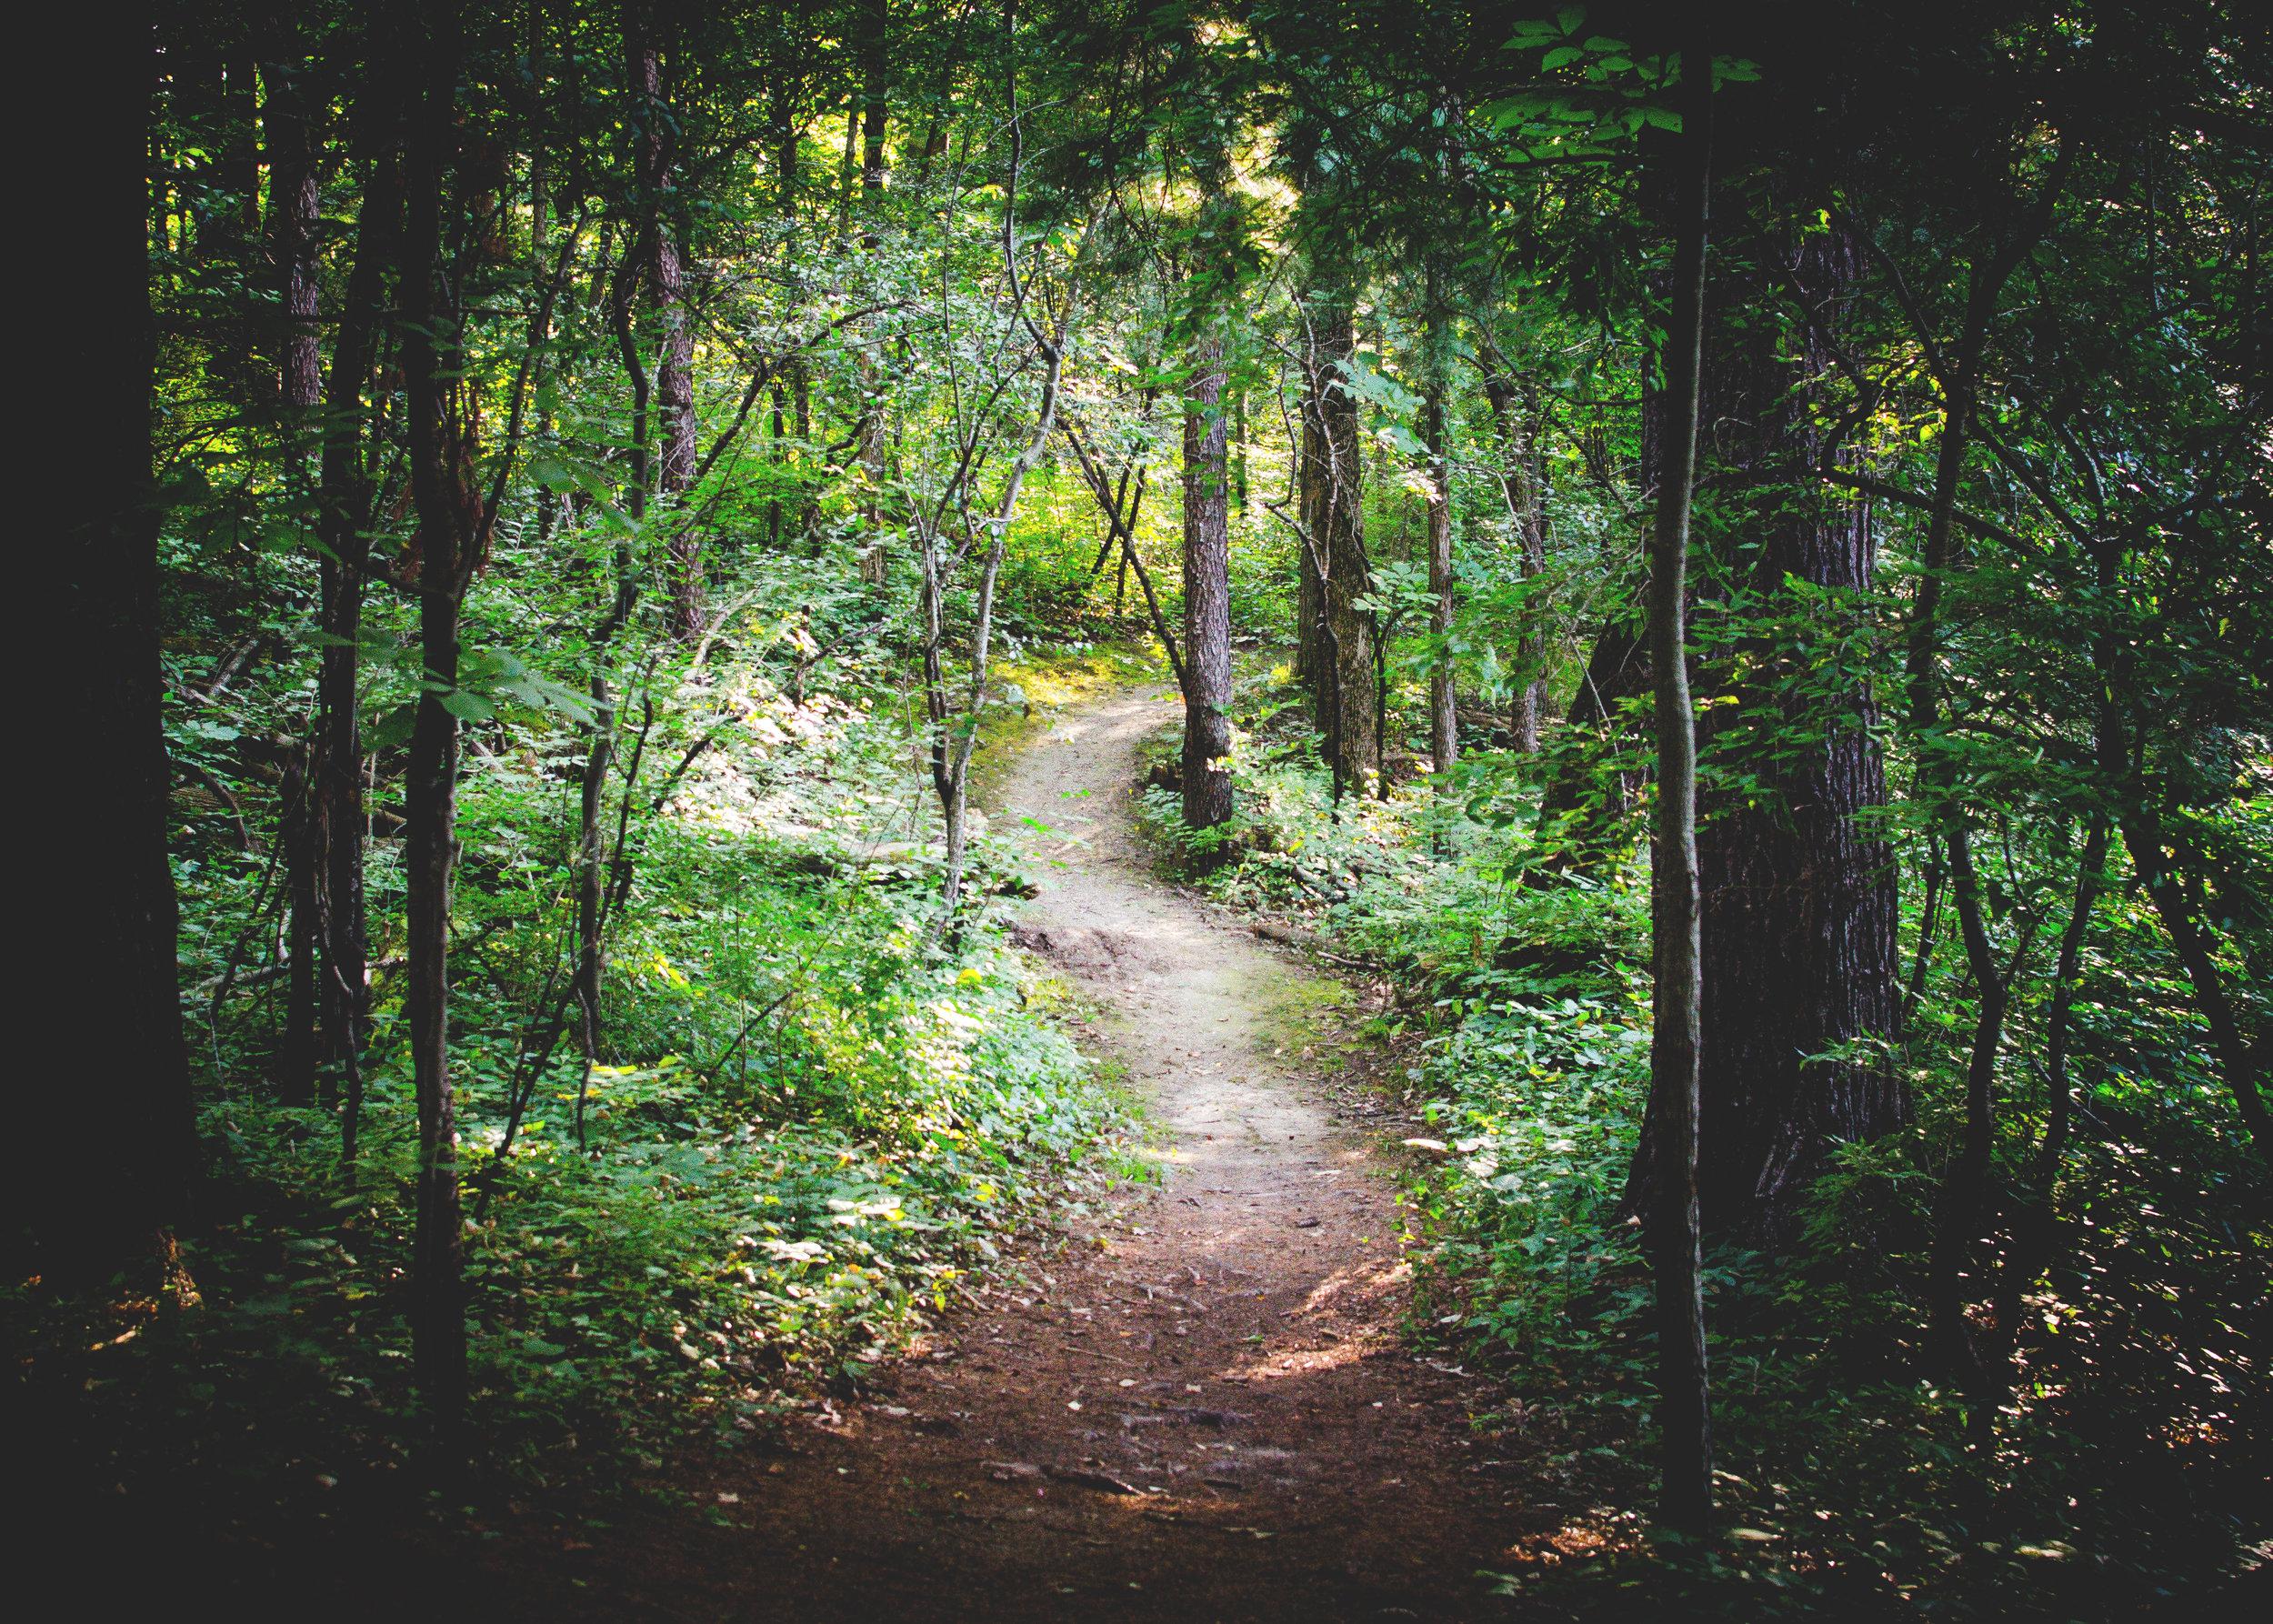 Copy of path-in-woods-unsplash-zack-silver-49053.jpg